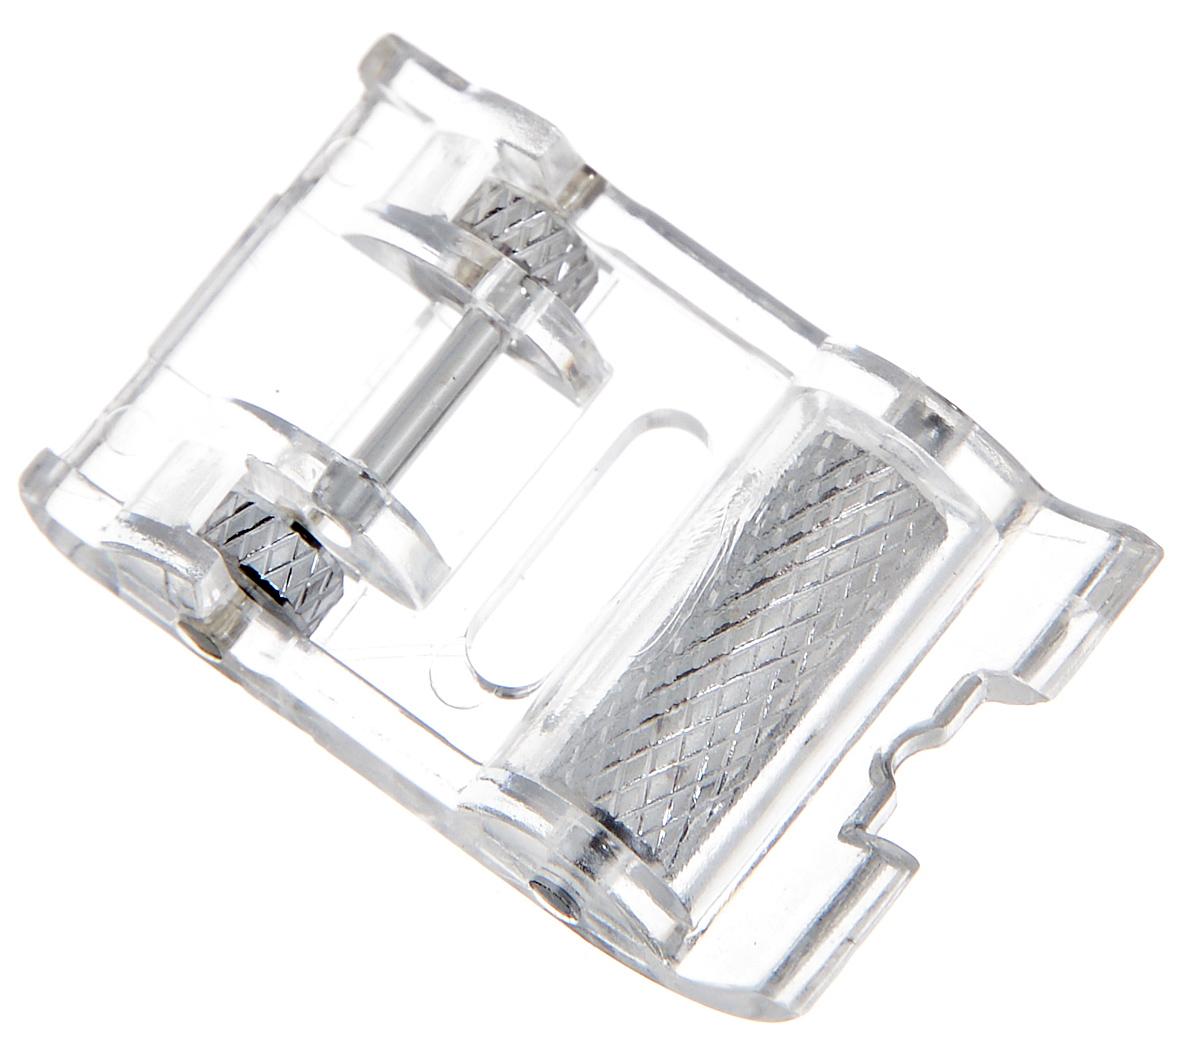 Лапка для швейной машины Aurora, роликоваяAU-113Лапка для швейных машин Aurora выполнена из металла и пластика. Наличие крутящихся роликов обеспечивает свободное прохождение ткани под лапкой без излишнего трения. Это позволяет работать с бархатом, ворсистыми тканями и кожзаменителем. Подходит для большинства современных бытовых швейных машин. Инструкция по использованию прилагается.